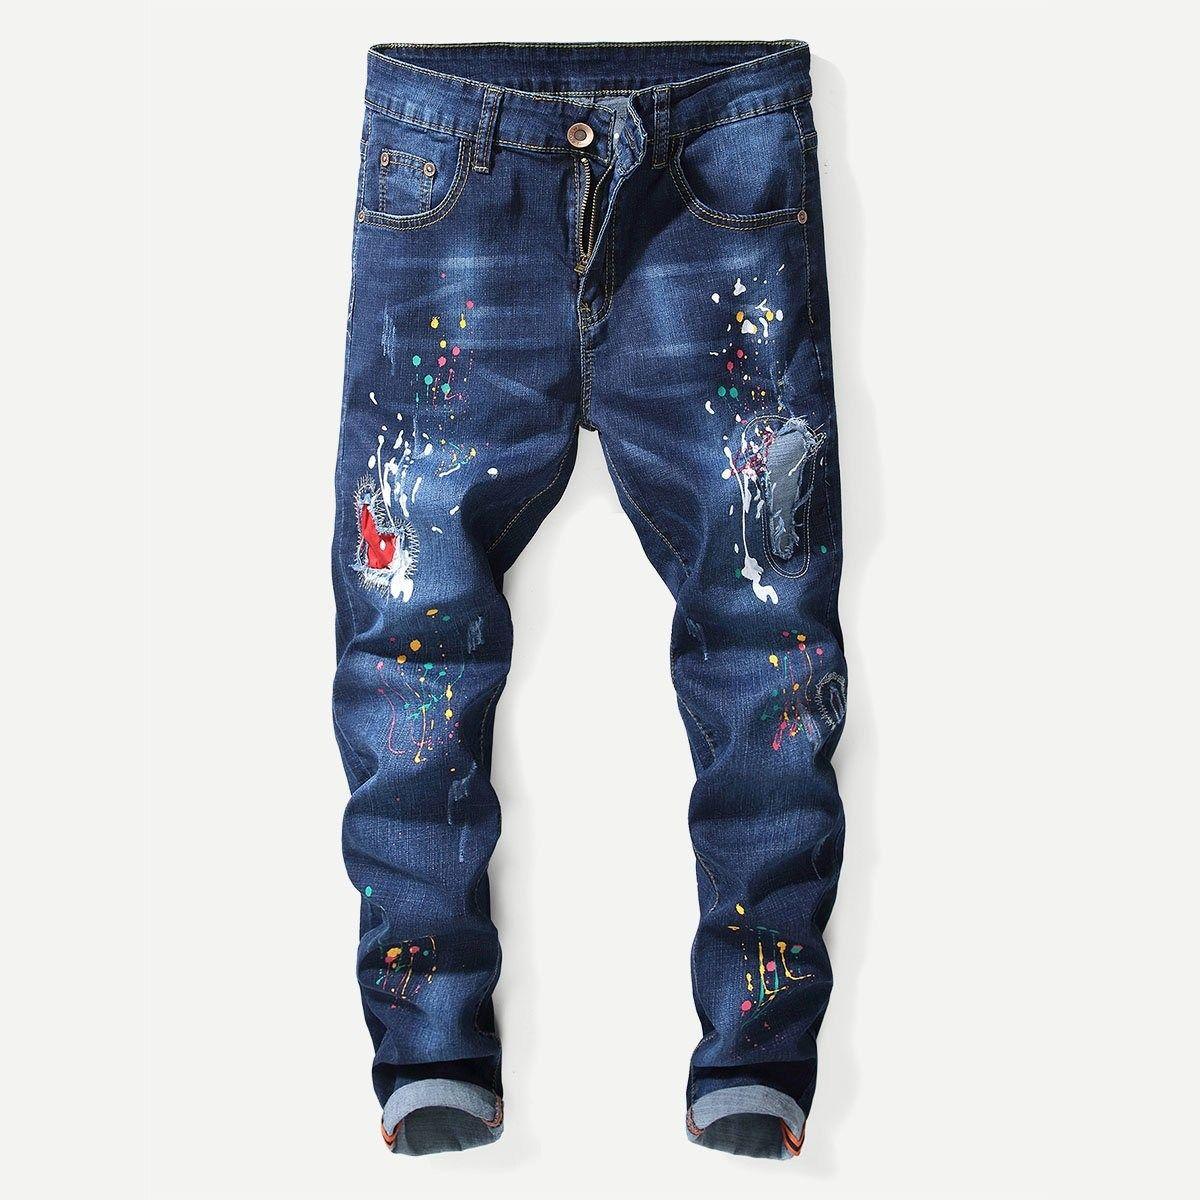 Romwe Jeans Men